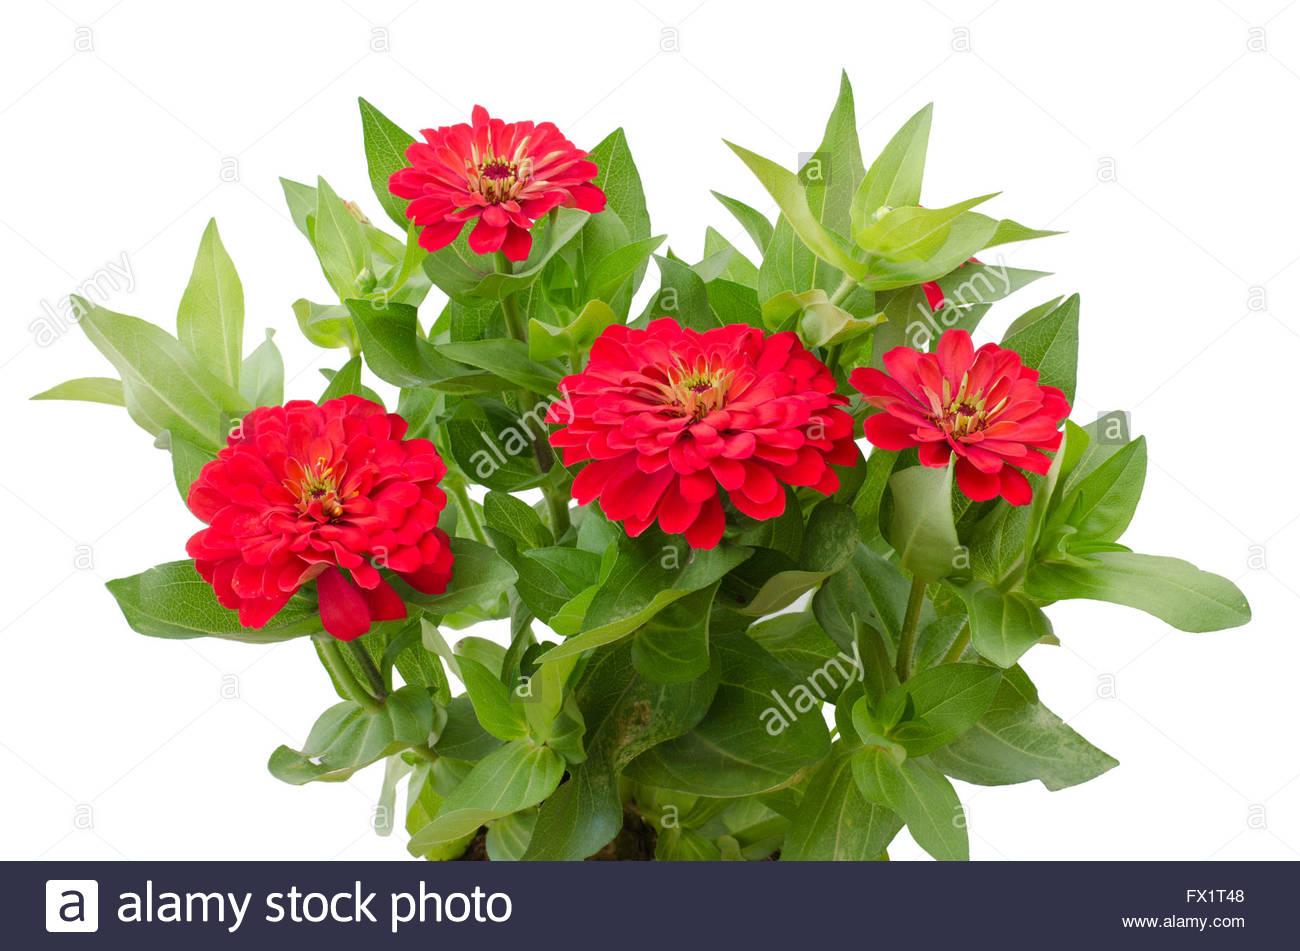 zinnia flower isolated on white background Stock Photo 102073784 1300x951